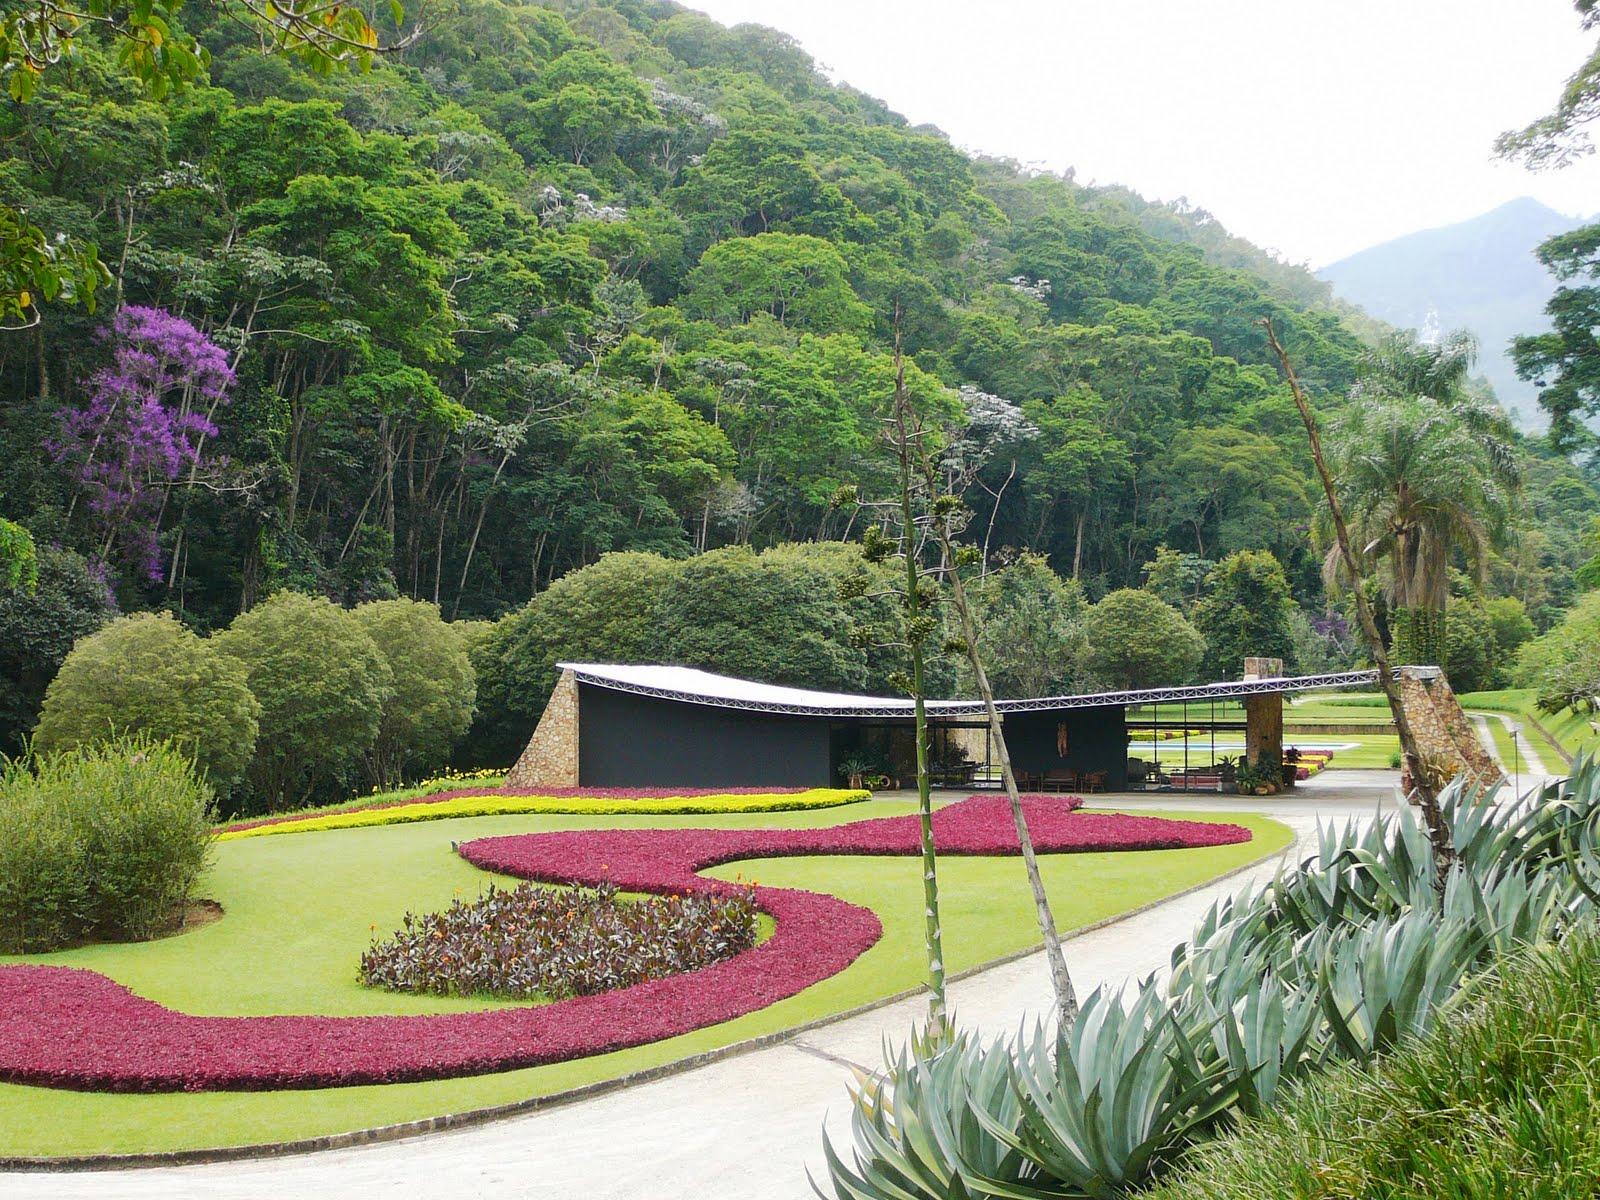 burle marx a arquiteta2 - Maiores arquitetos brasileiros: conheça os principais nomes da nossa arquitetura